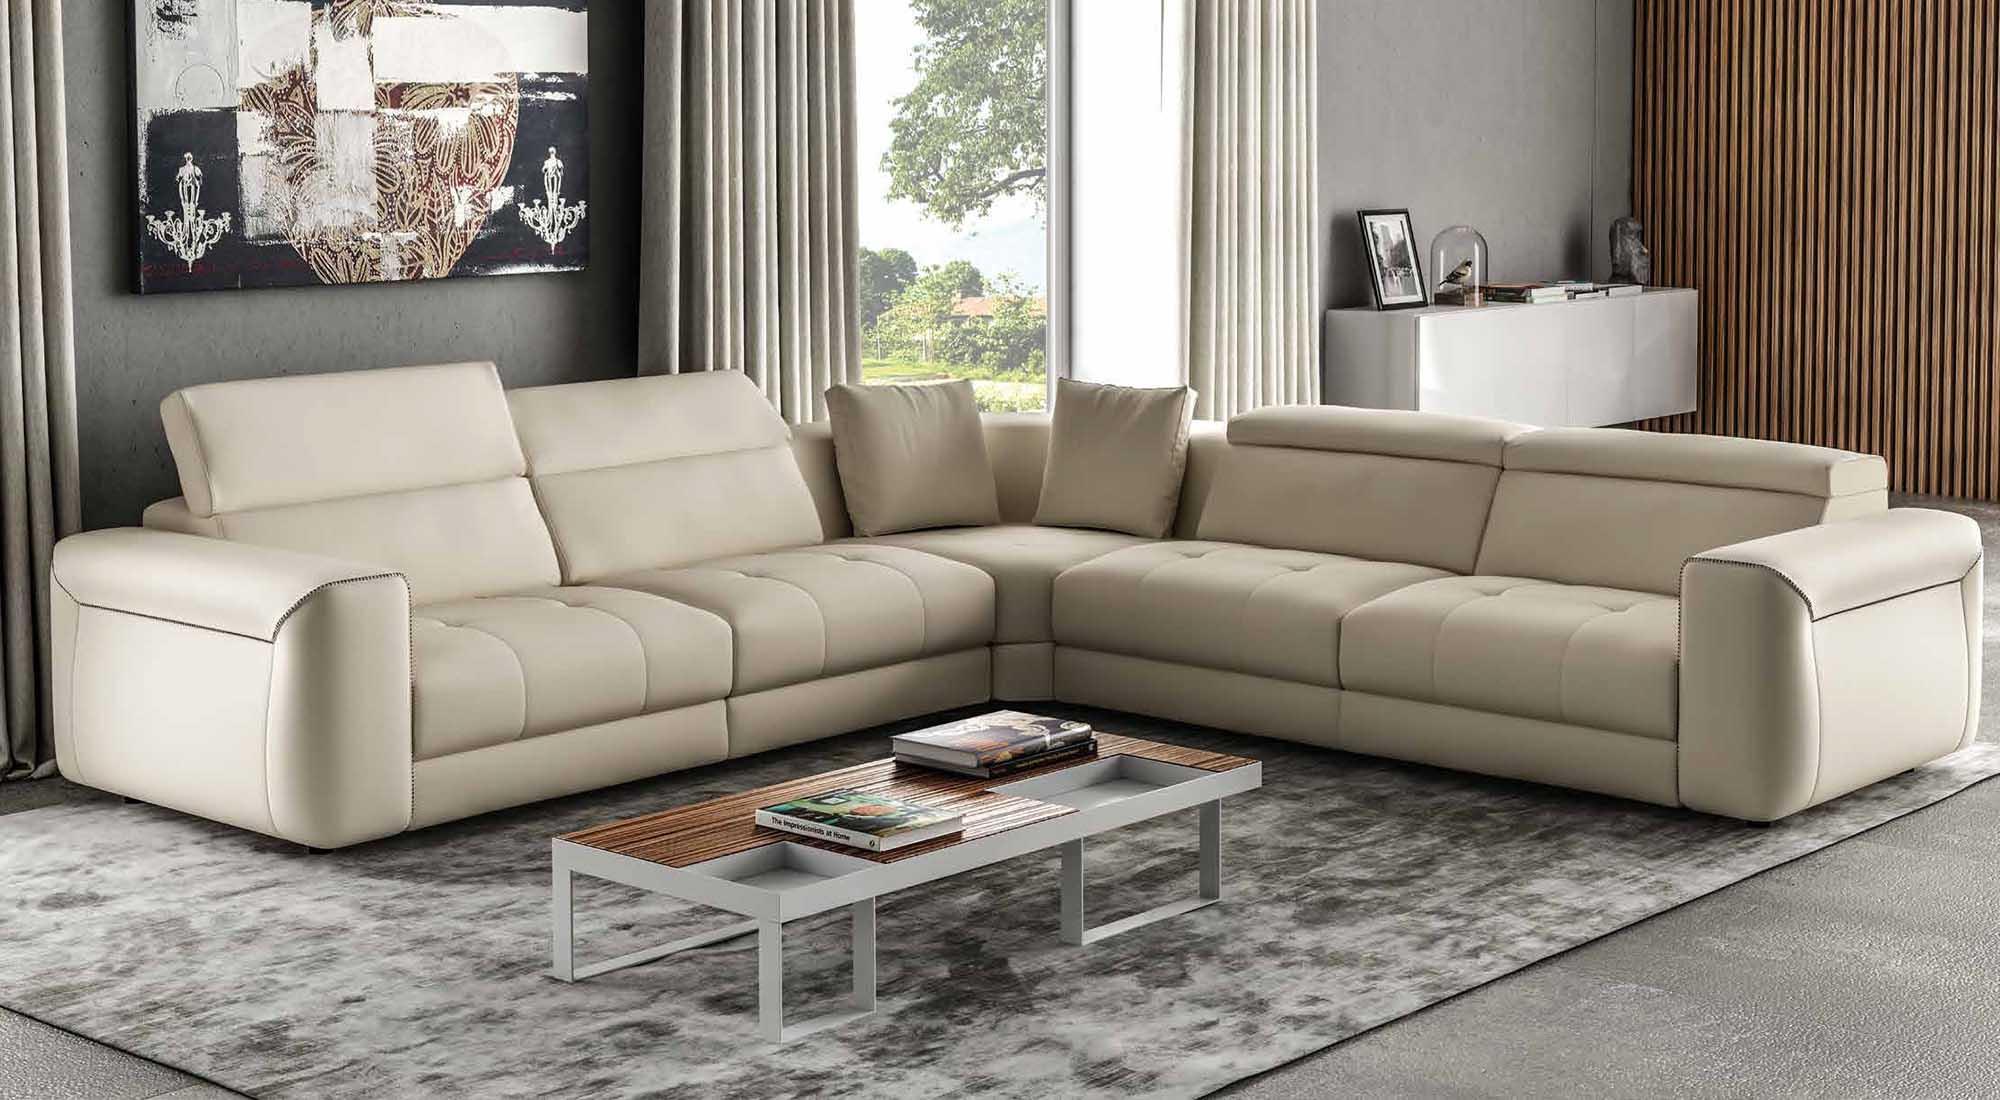 I migliori divani in pelle da arredamenti meneghello for Arredamenti sale e salotti